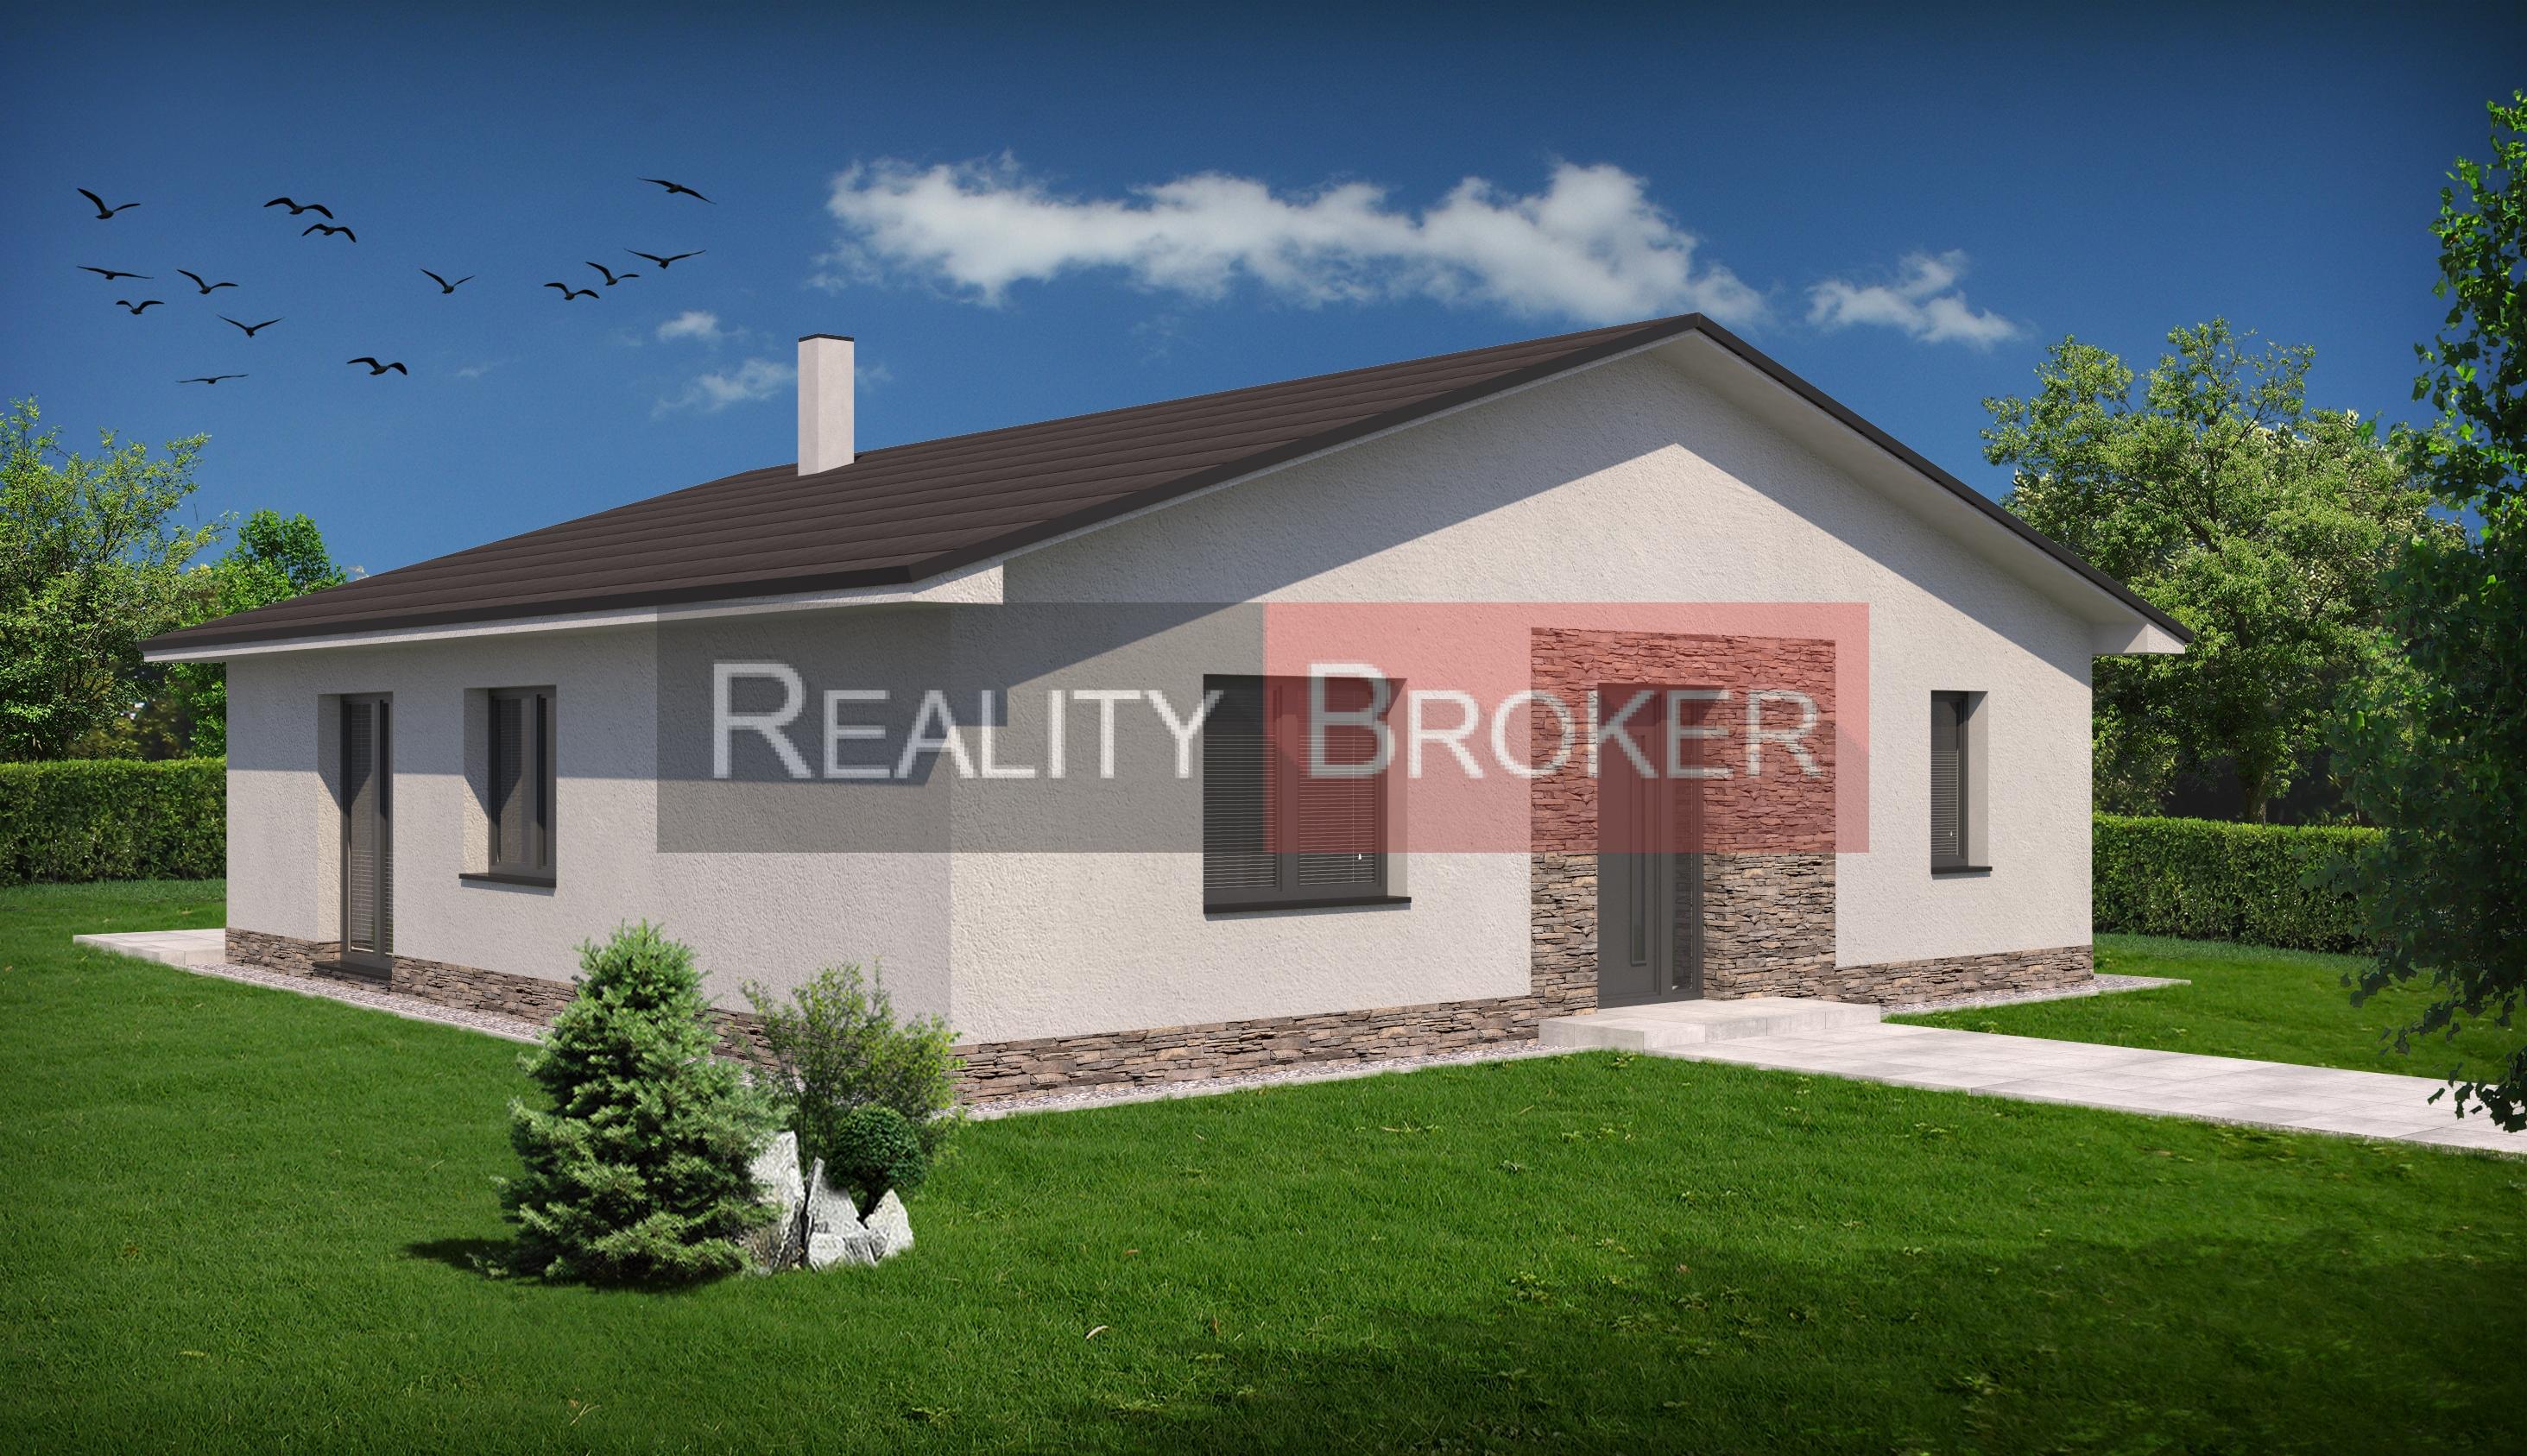 REALITY BROKER ponúka na predaj peknú novostavbu rodinného domu – bungalov v Rovinke